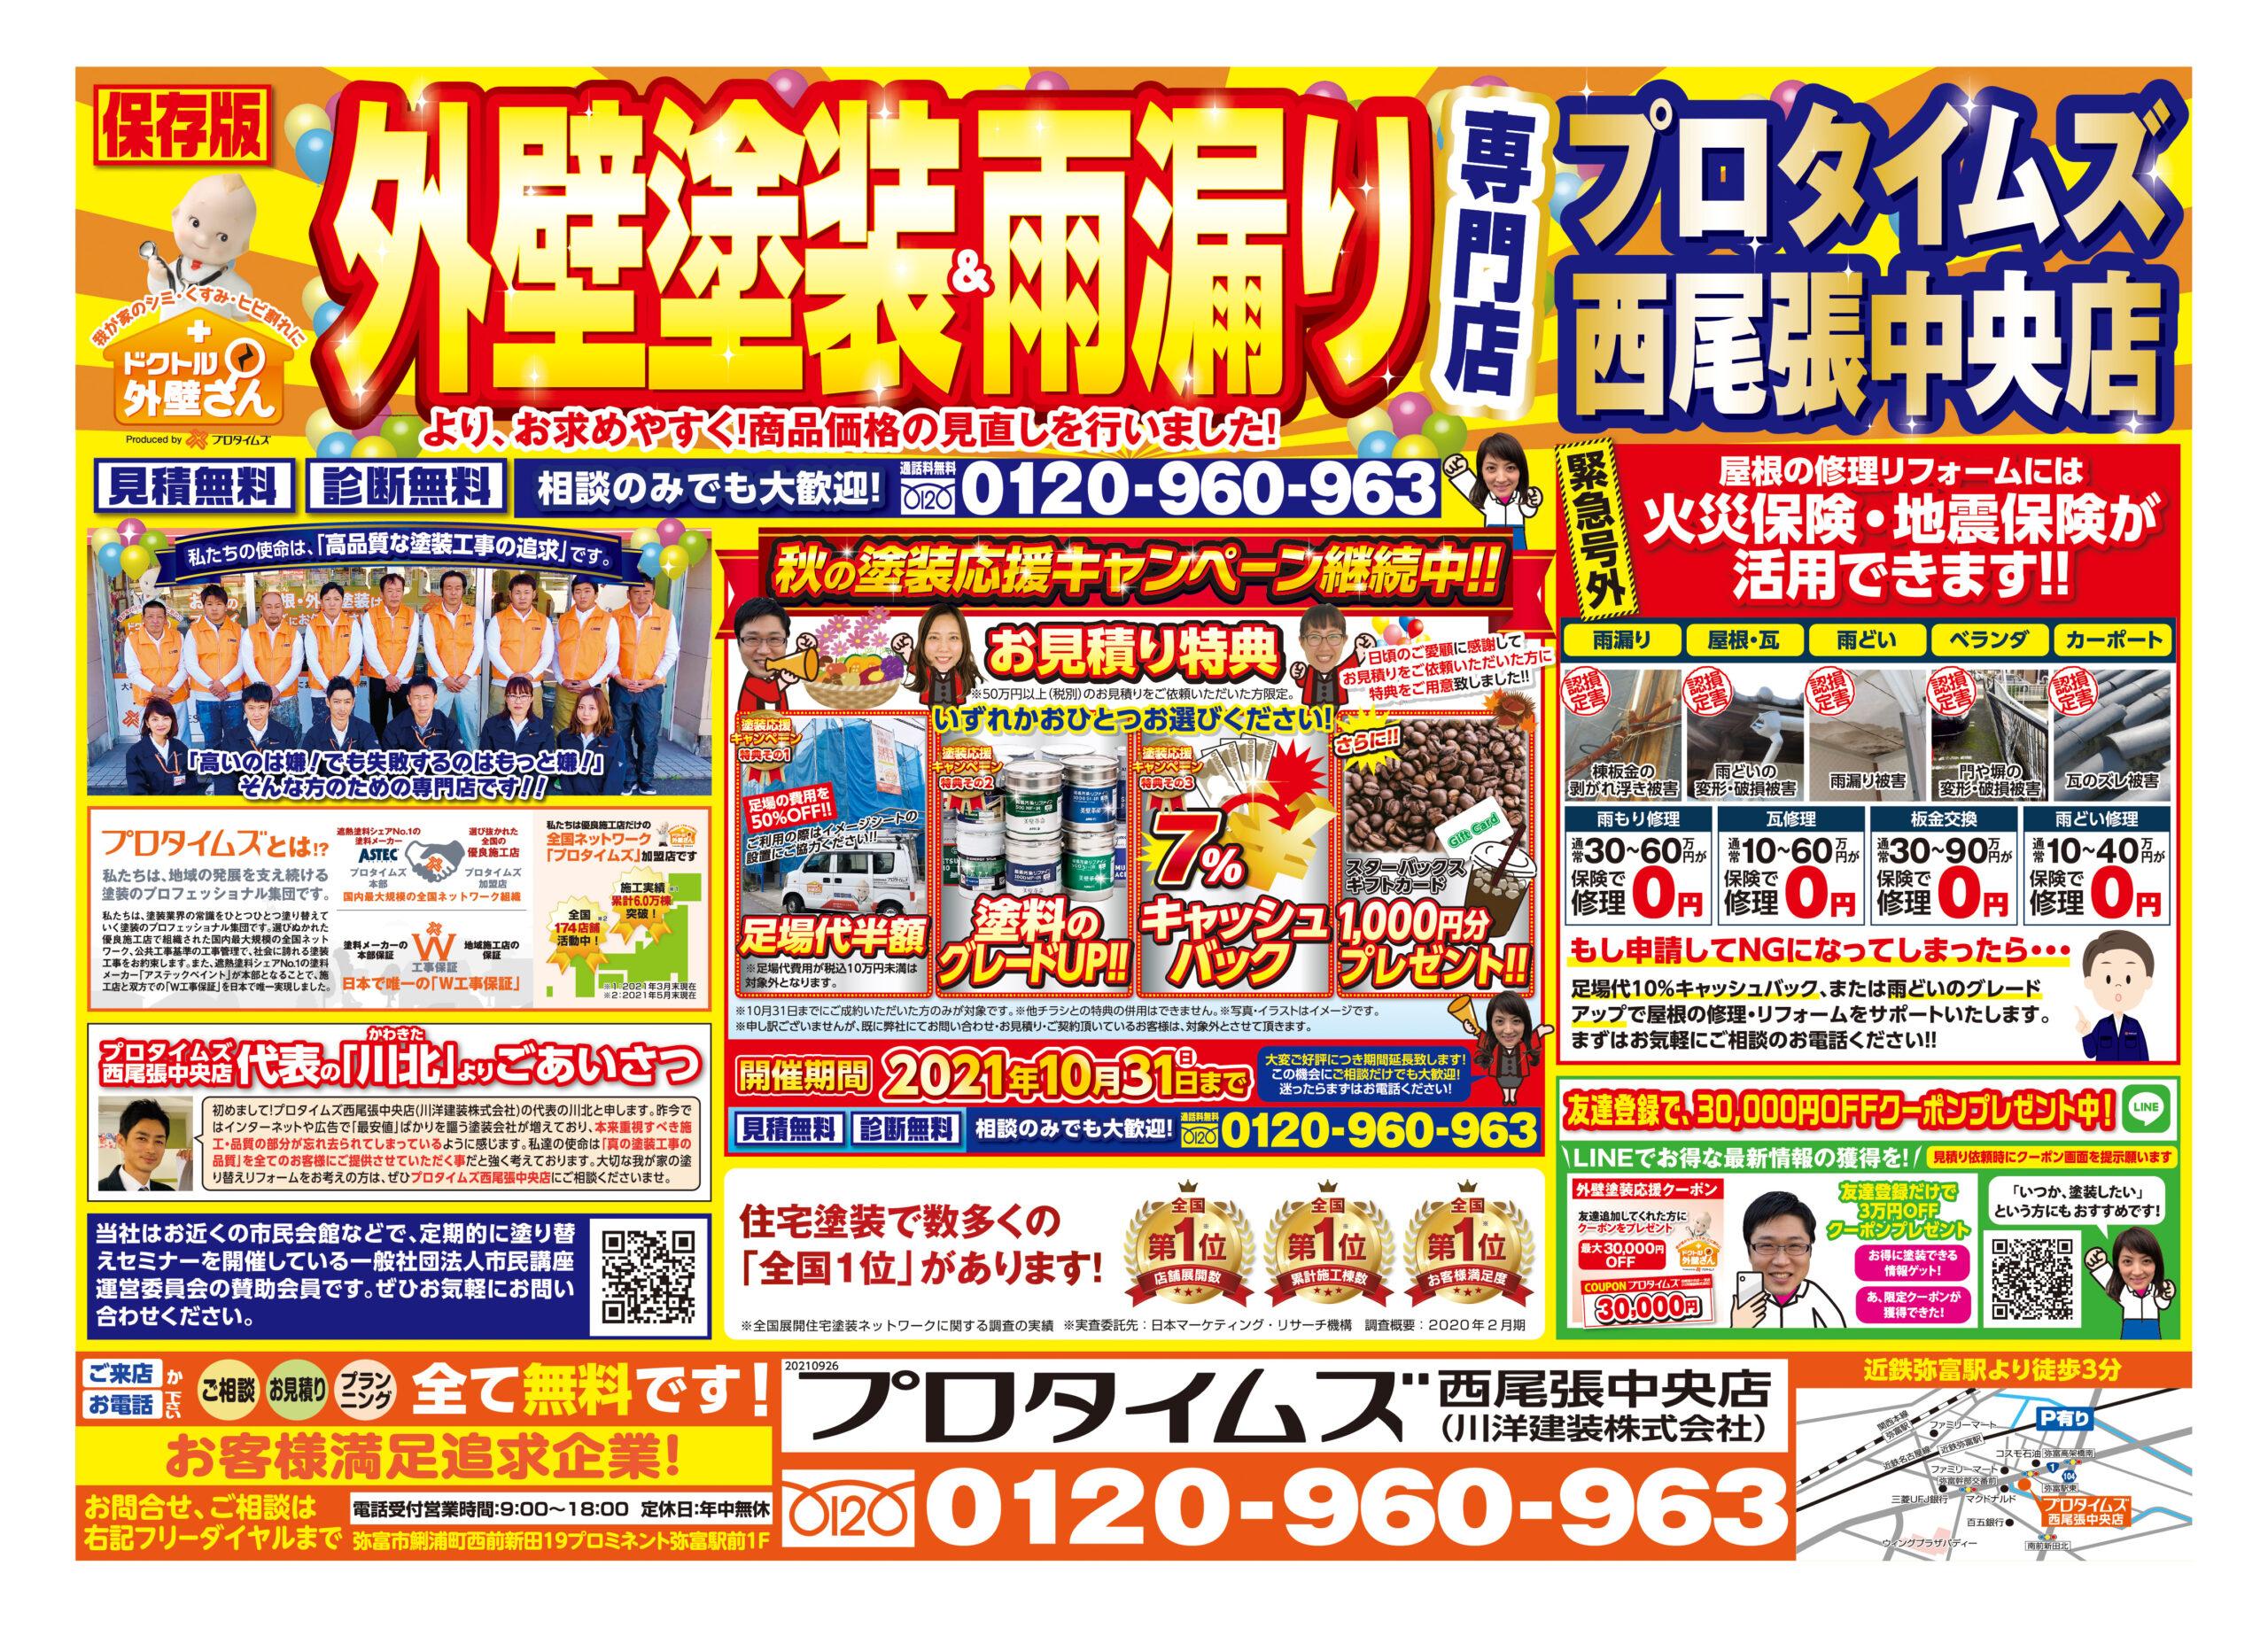 20210926西尾張中央店ちらし1